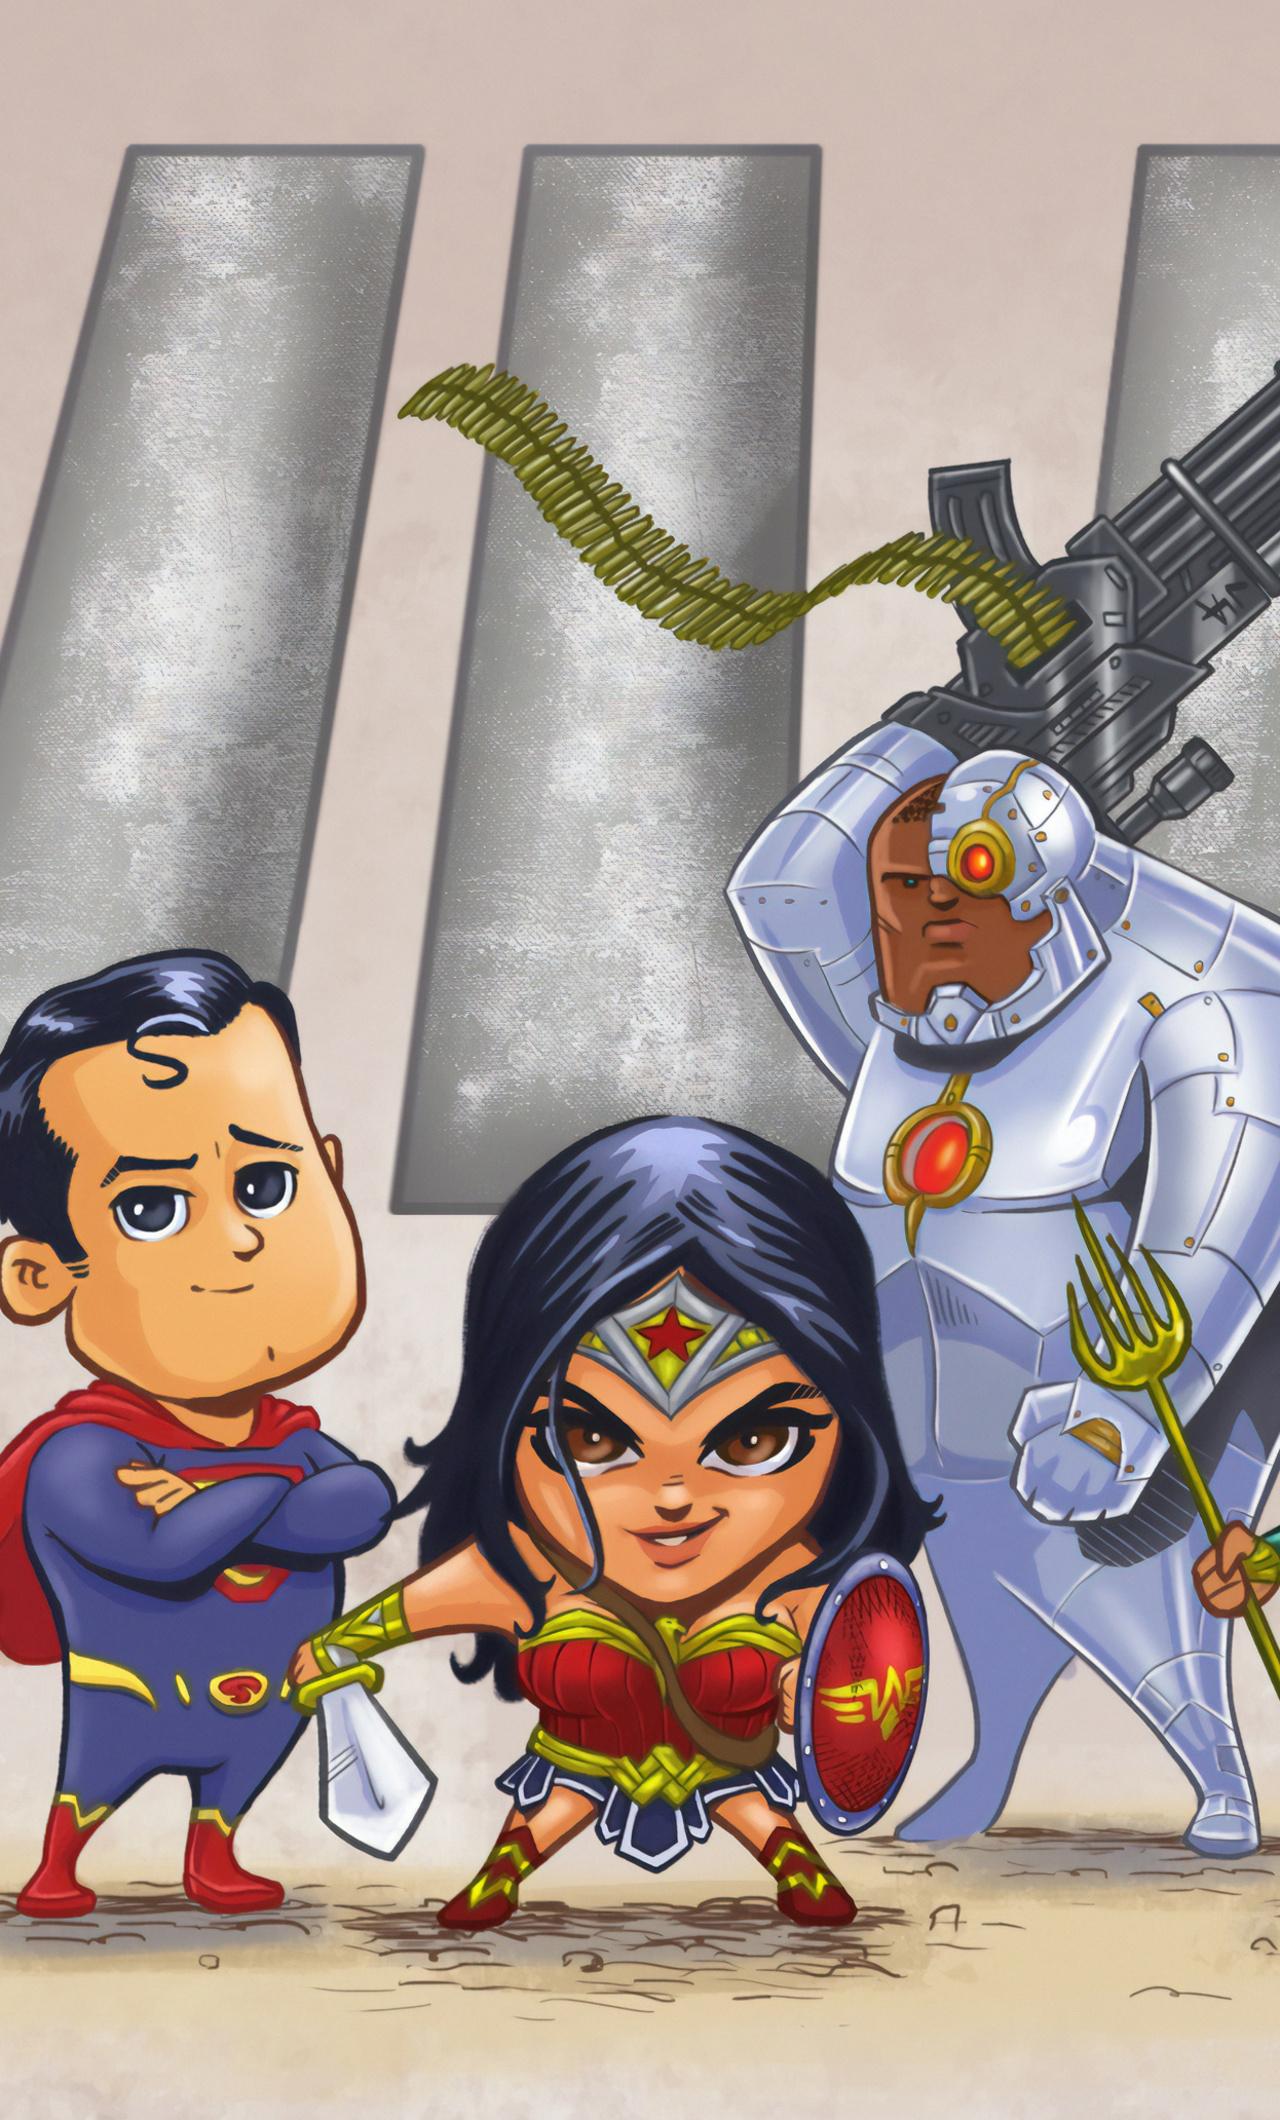 justice-league-chibi-l4.jpg